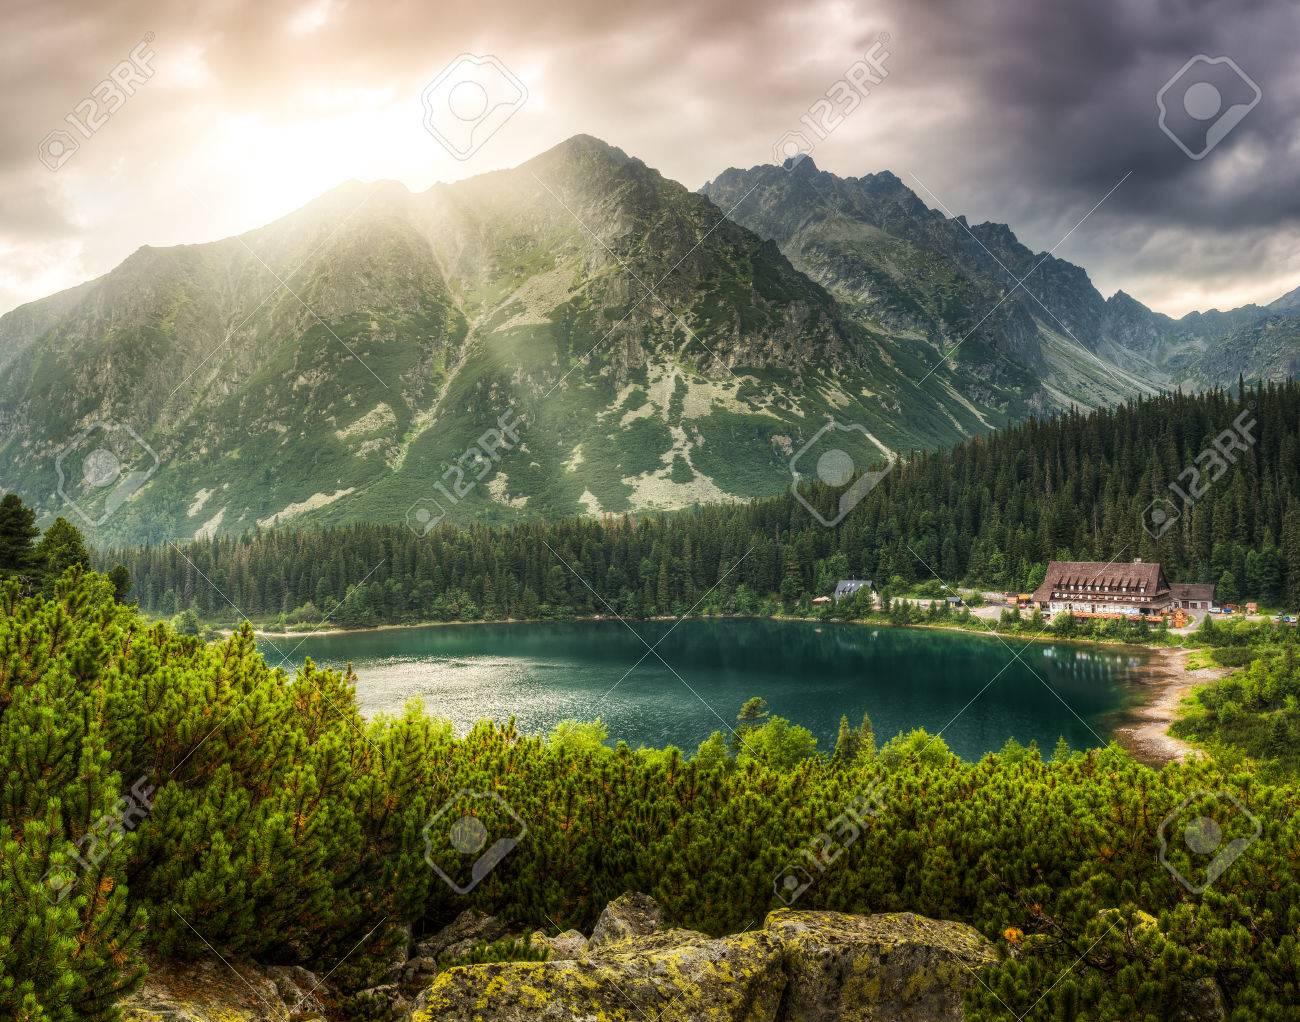 ポプラト池、高タトラ山脈、スロバキアの近くのマウンテン シャレーと ...